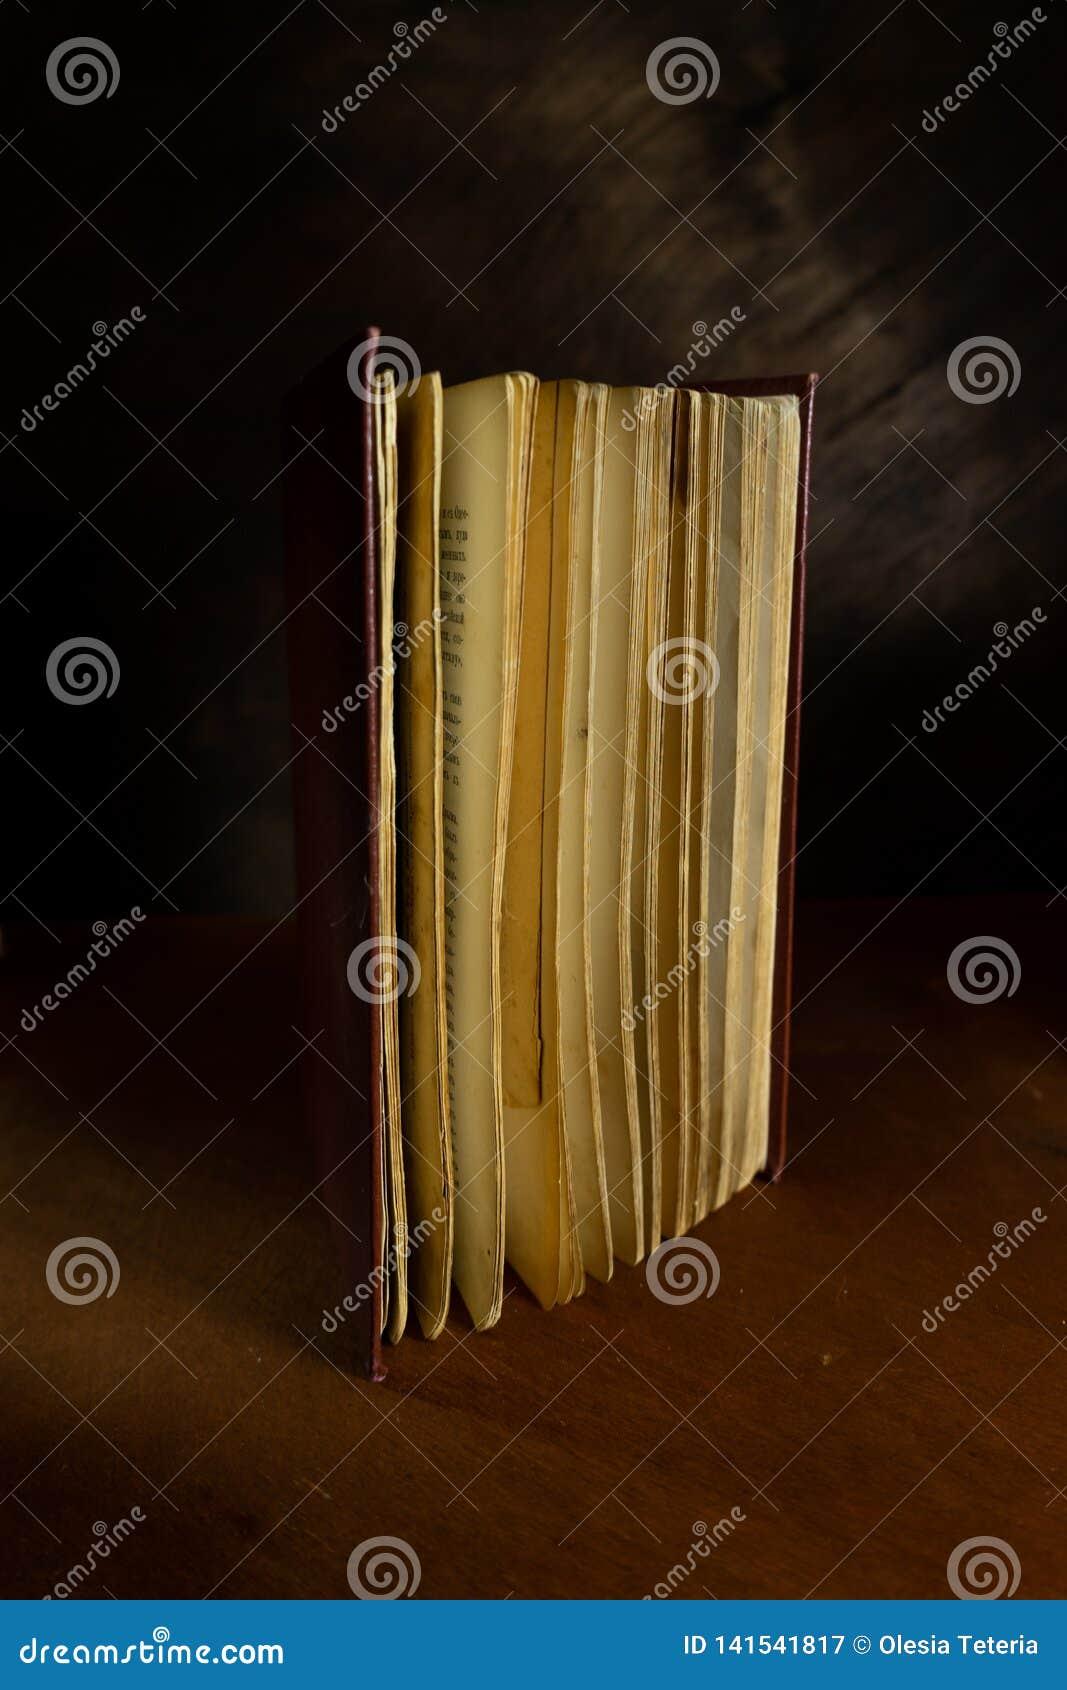 Verfallenes altes Buch in der aufrechten Position auf hölzernem dunklem Hintergrund